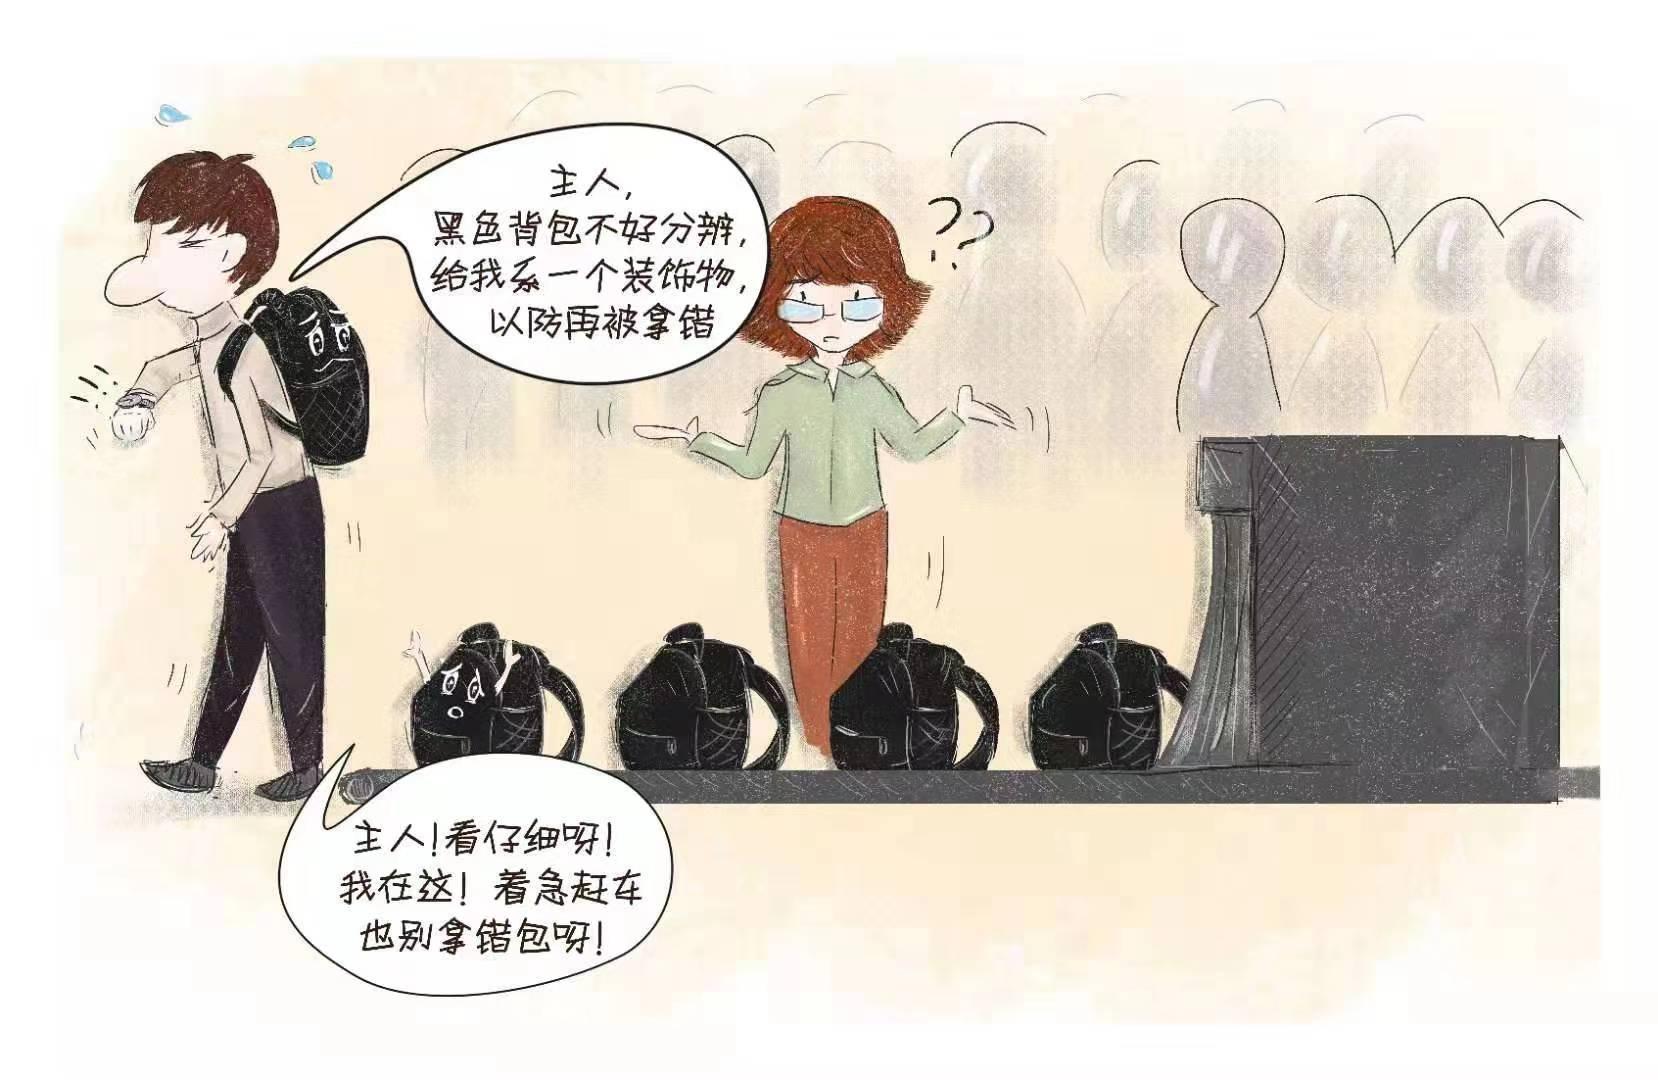 95后画笔漫画:用女警温暖民警v画笔描绘人心迪鹿漫画版图片